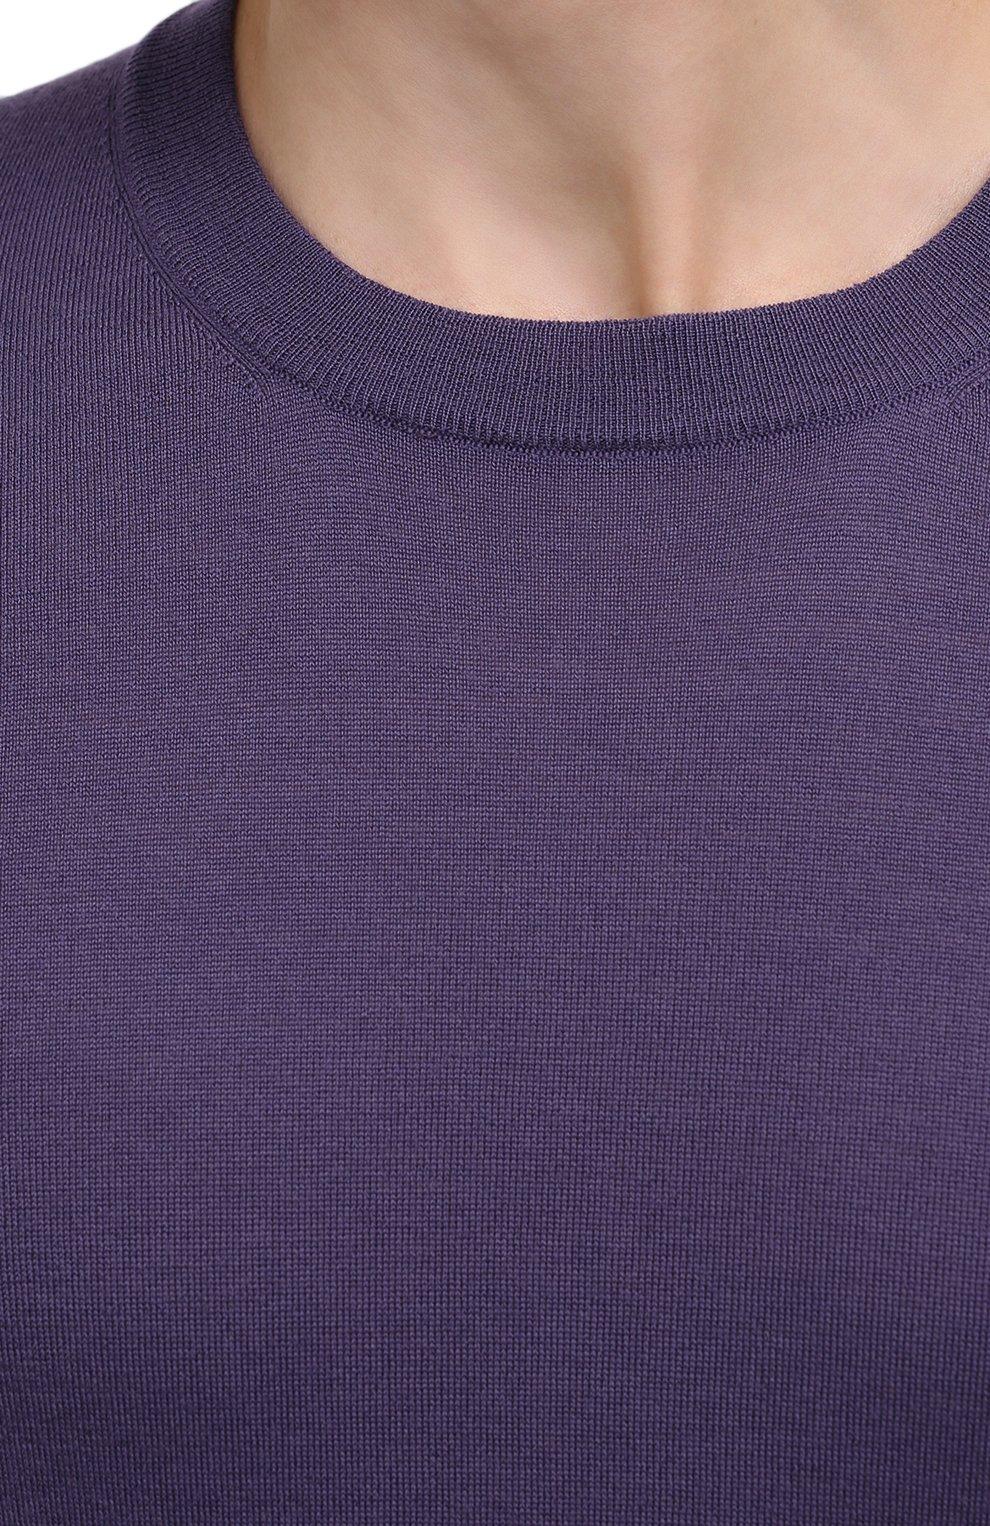 Мужской джемпер из шерсти и кашемира BRUNELLO CUCINELLI фиолетового цвета, арт. M2400100 | Фото 5 (Мужское Кросс-КТ: Джемперы; Материал внешний: Шерсть; Рукава: Длинные; Принт: Без принта; Длина (для топов): Стандартные; Стили: Классический; Вырез: Круглый)